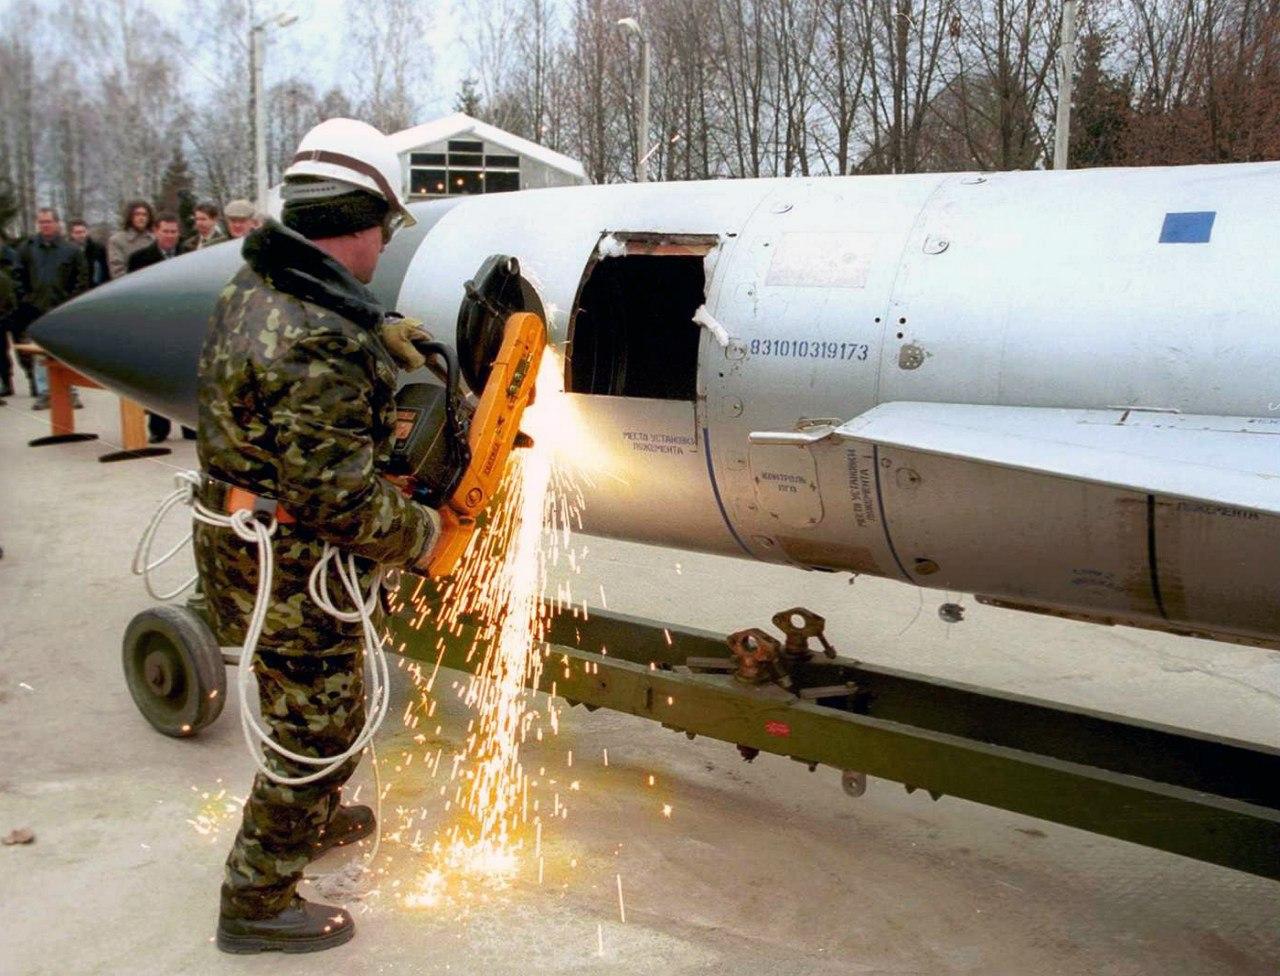 Аэрокосмические силы Украины - мечта, которой не суждено сбыться